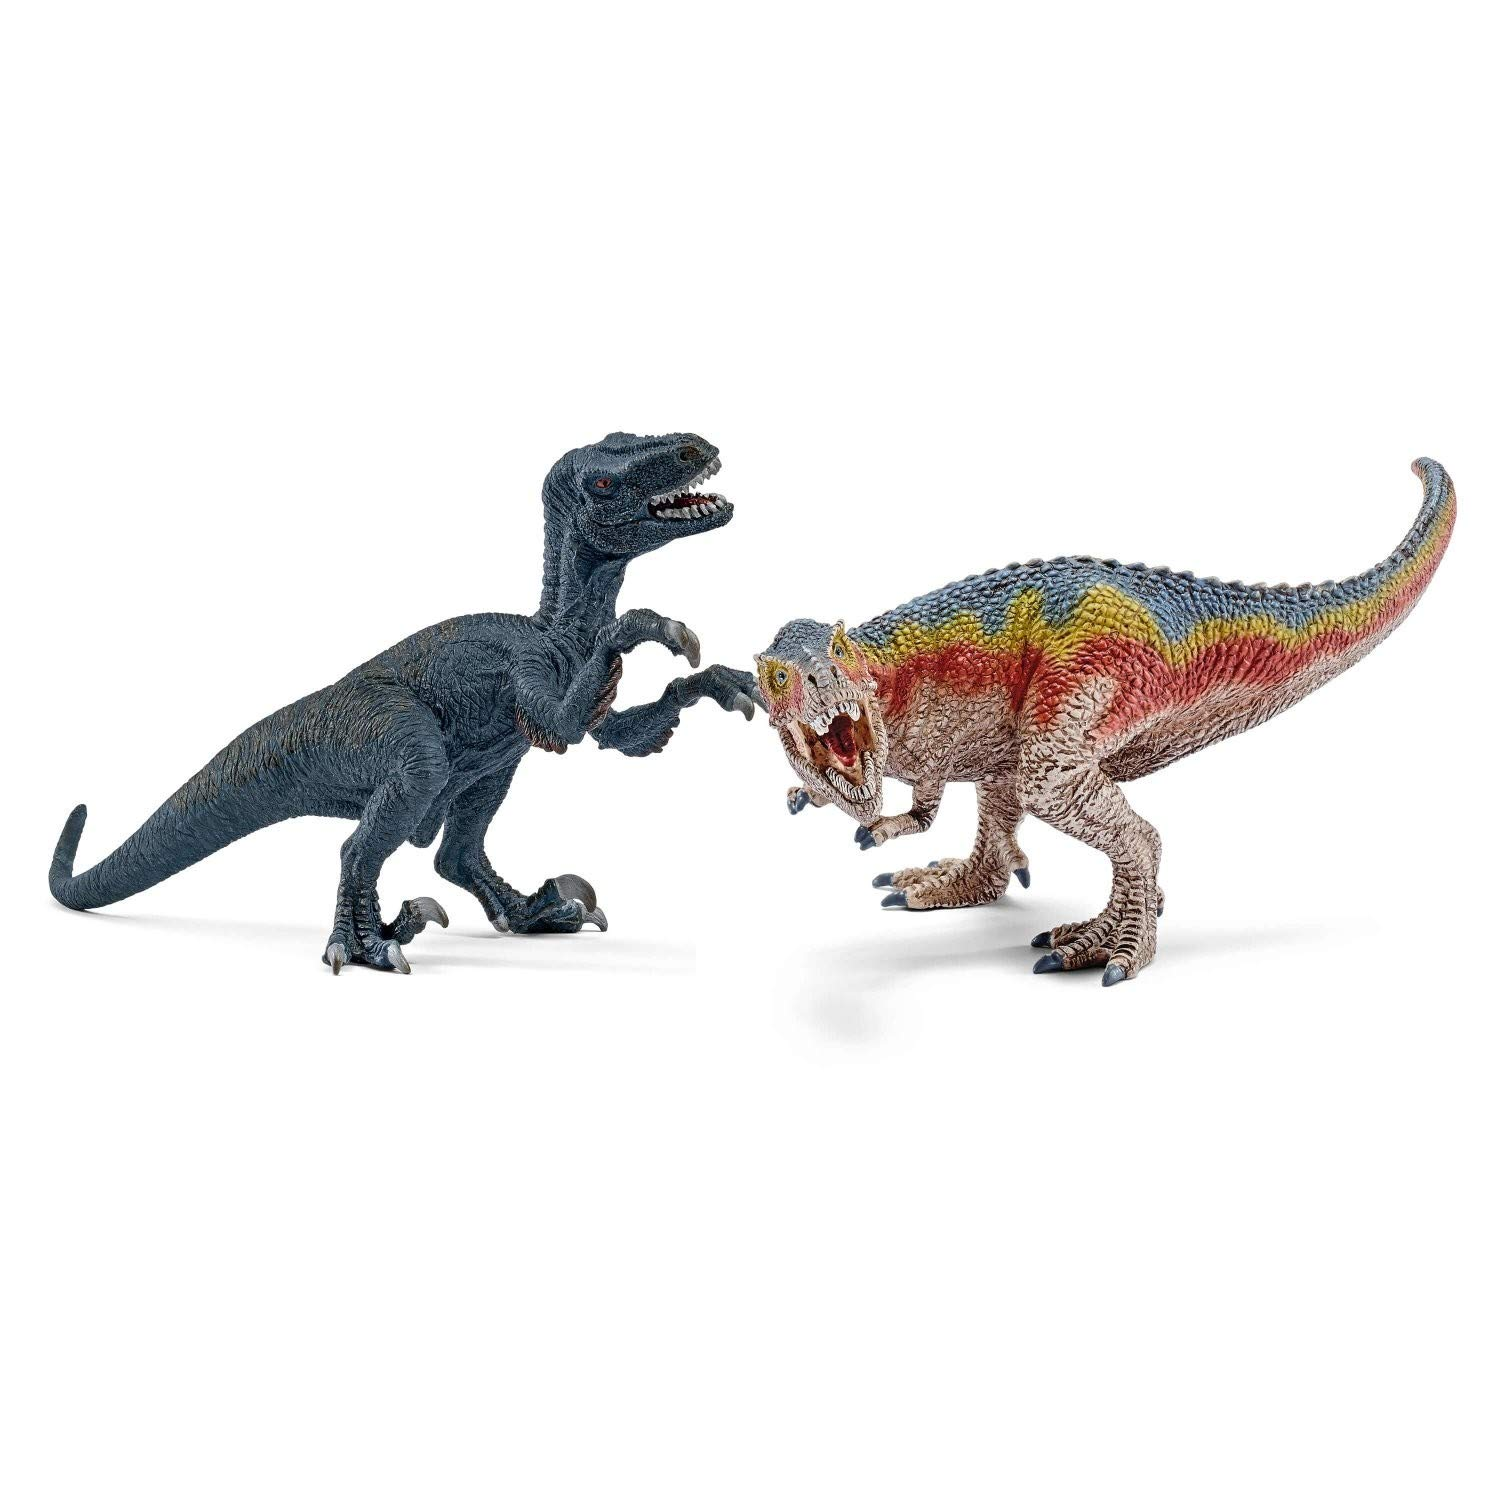 Schleich 14568 Stegosaurus plastique Figure dinosaures